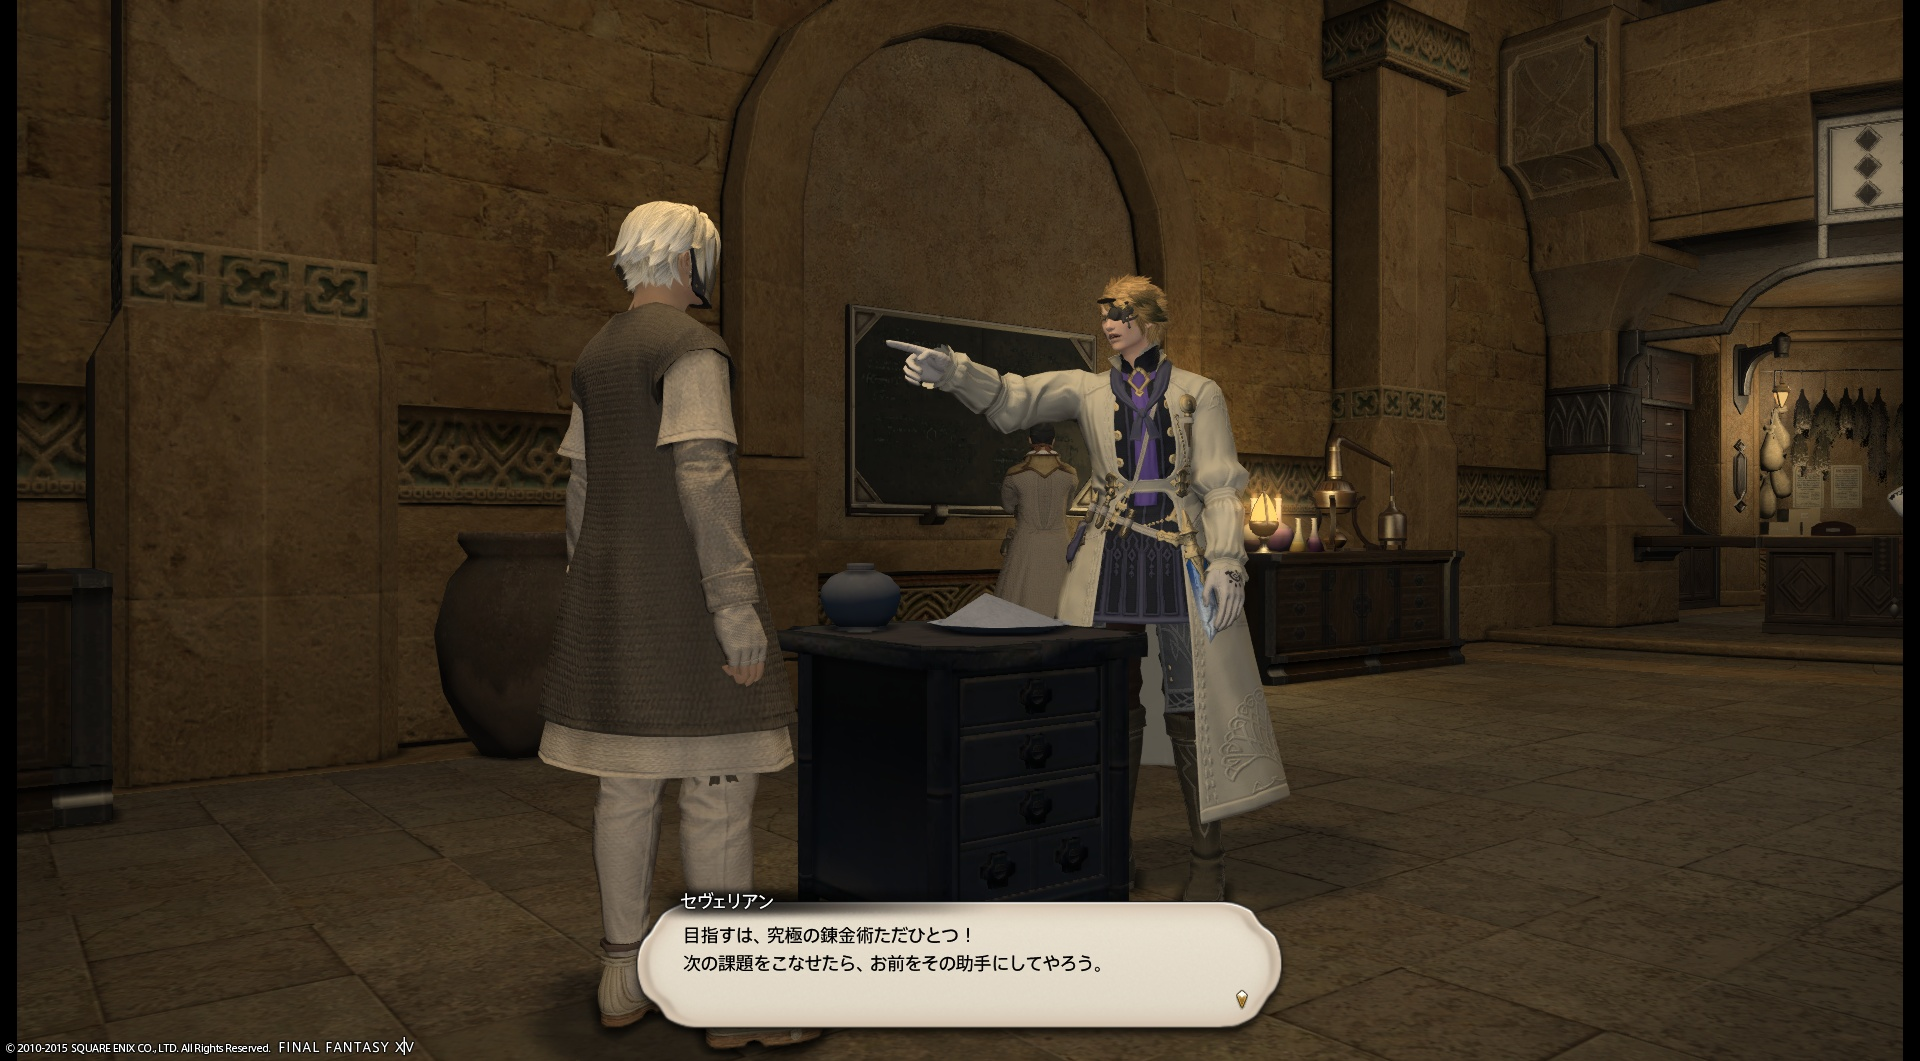 セヴェリアン : 目指すは、究極の錬金術ただひとつ! 次の課題をこなせたら、お前をその助手にしてやろう。